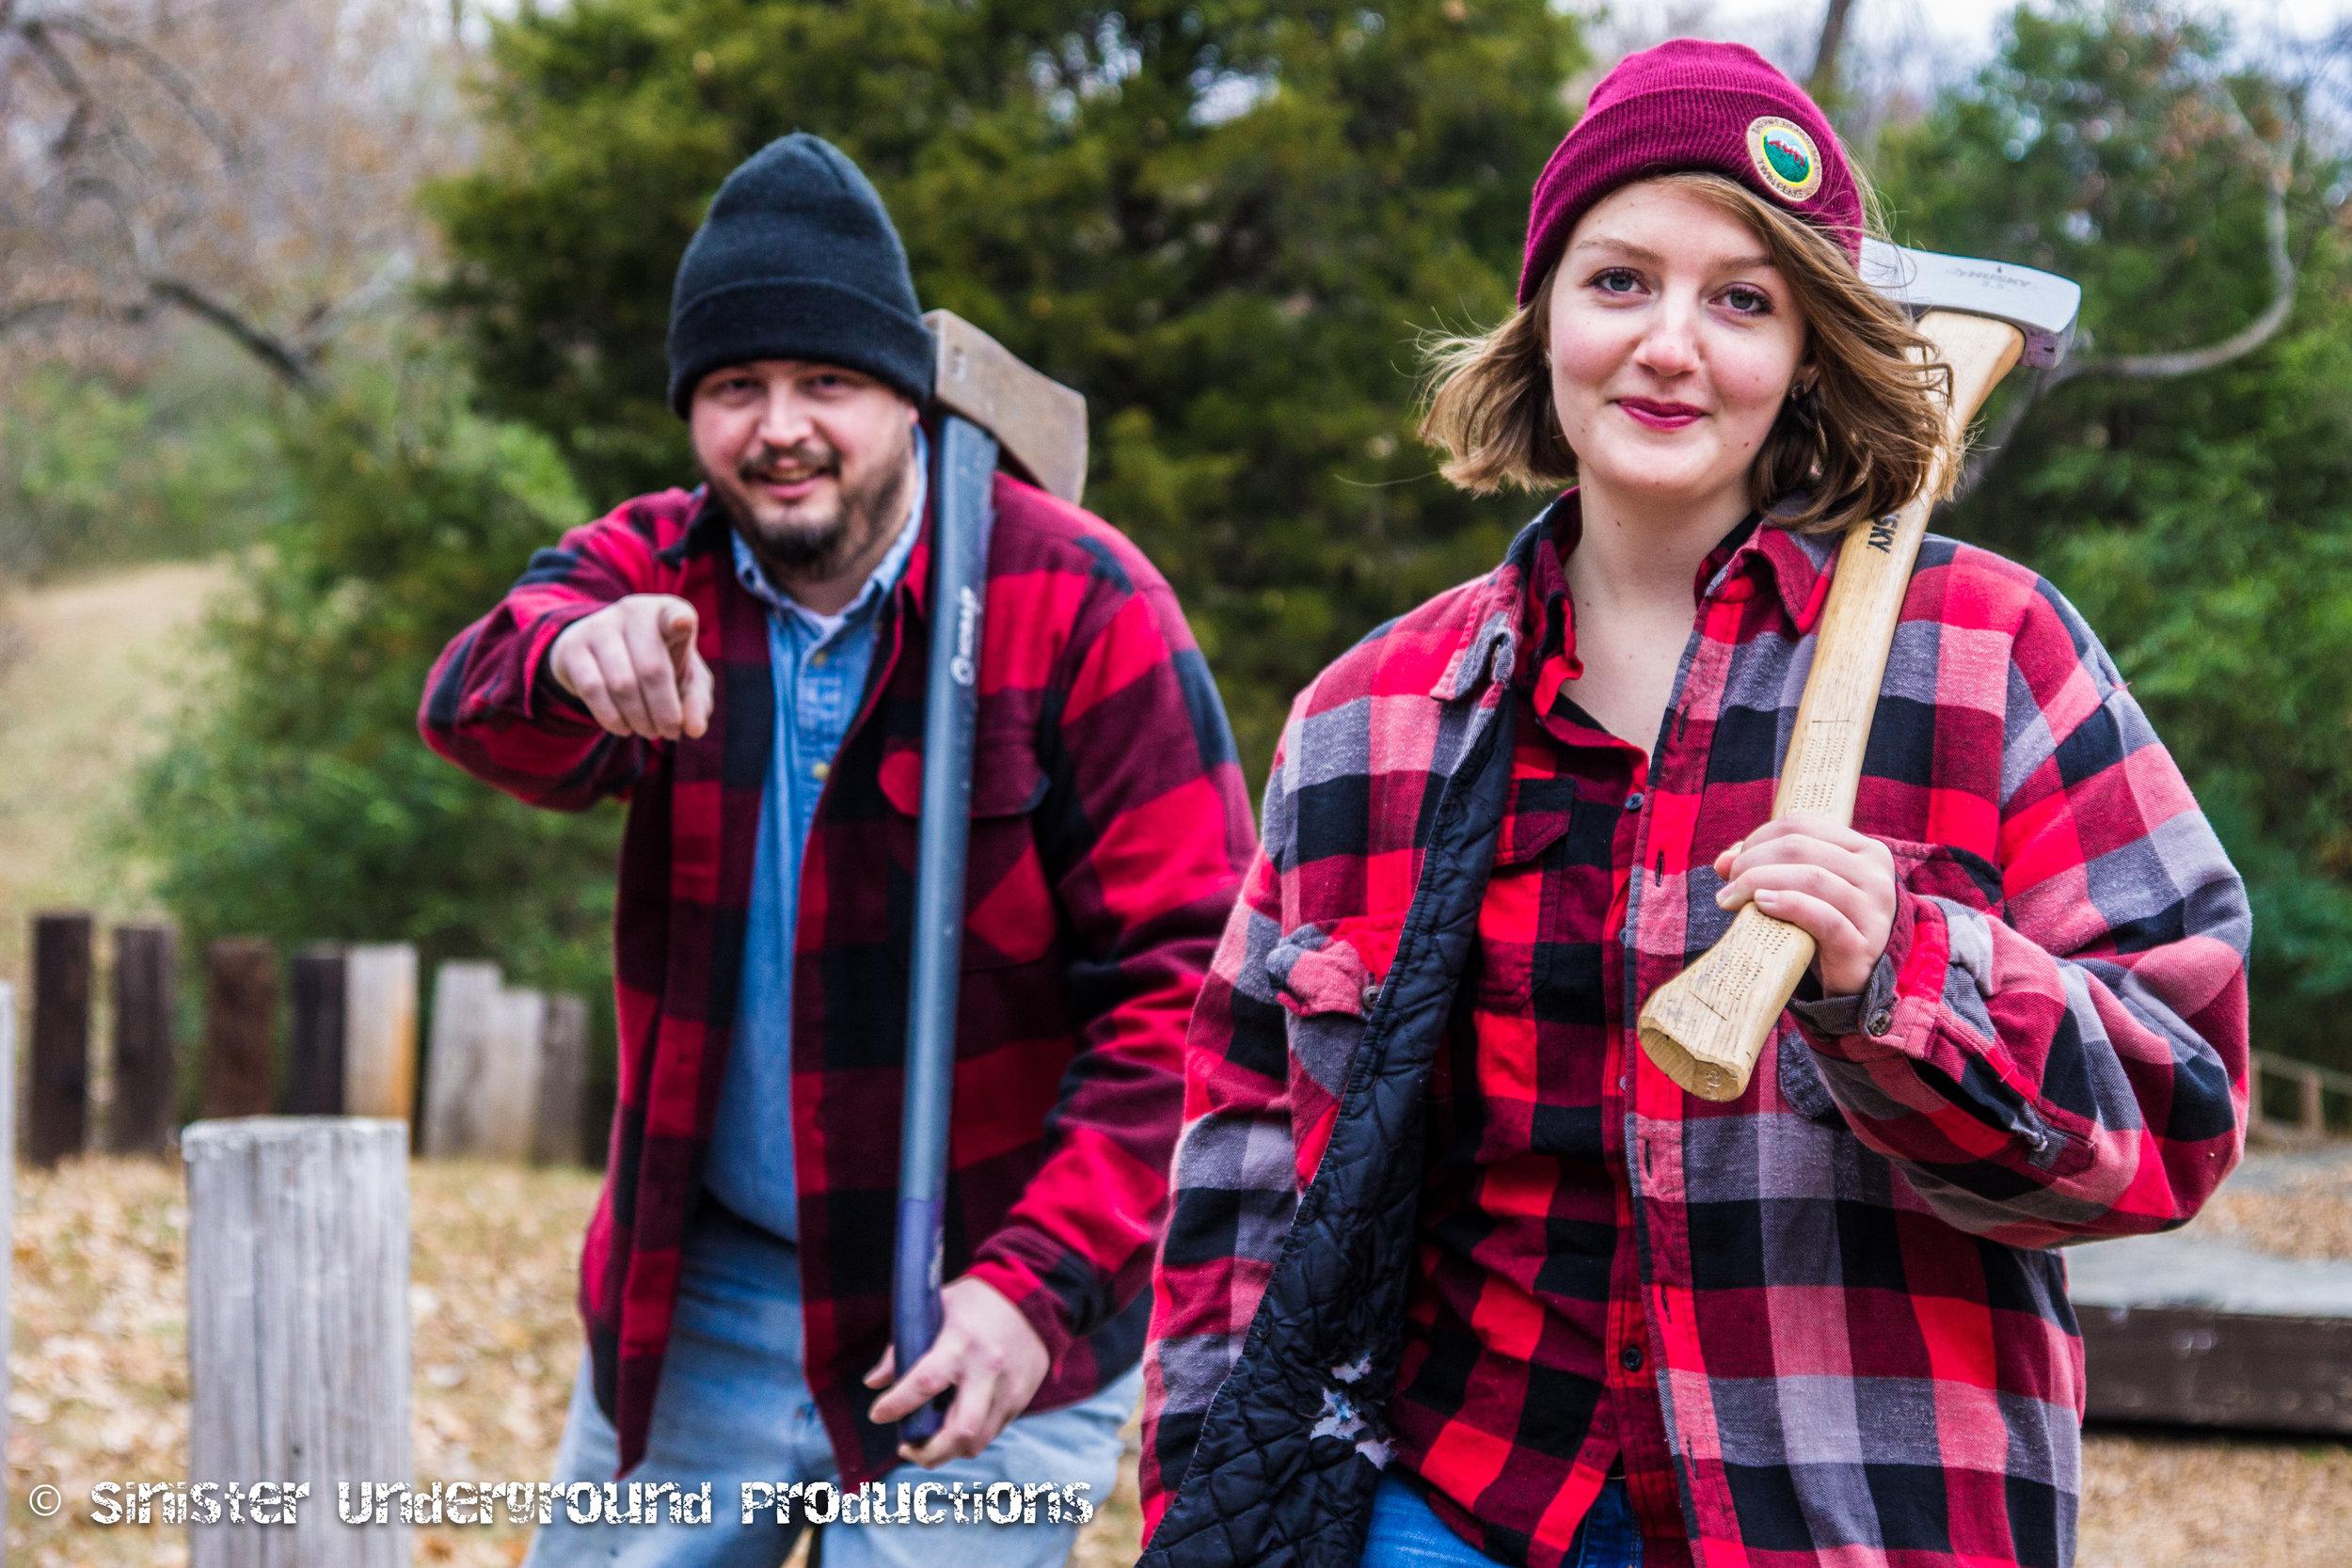 Chloe & Erik's Christmas photoshoot